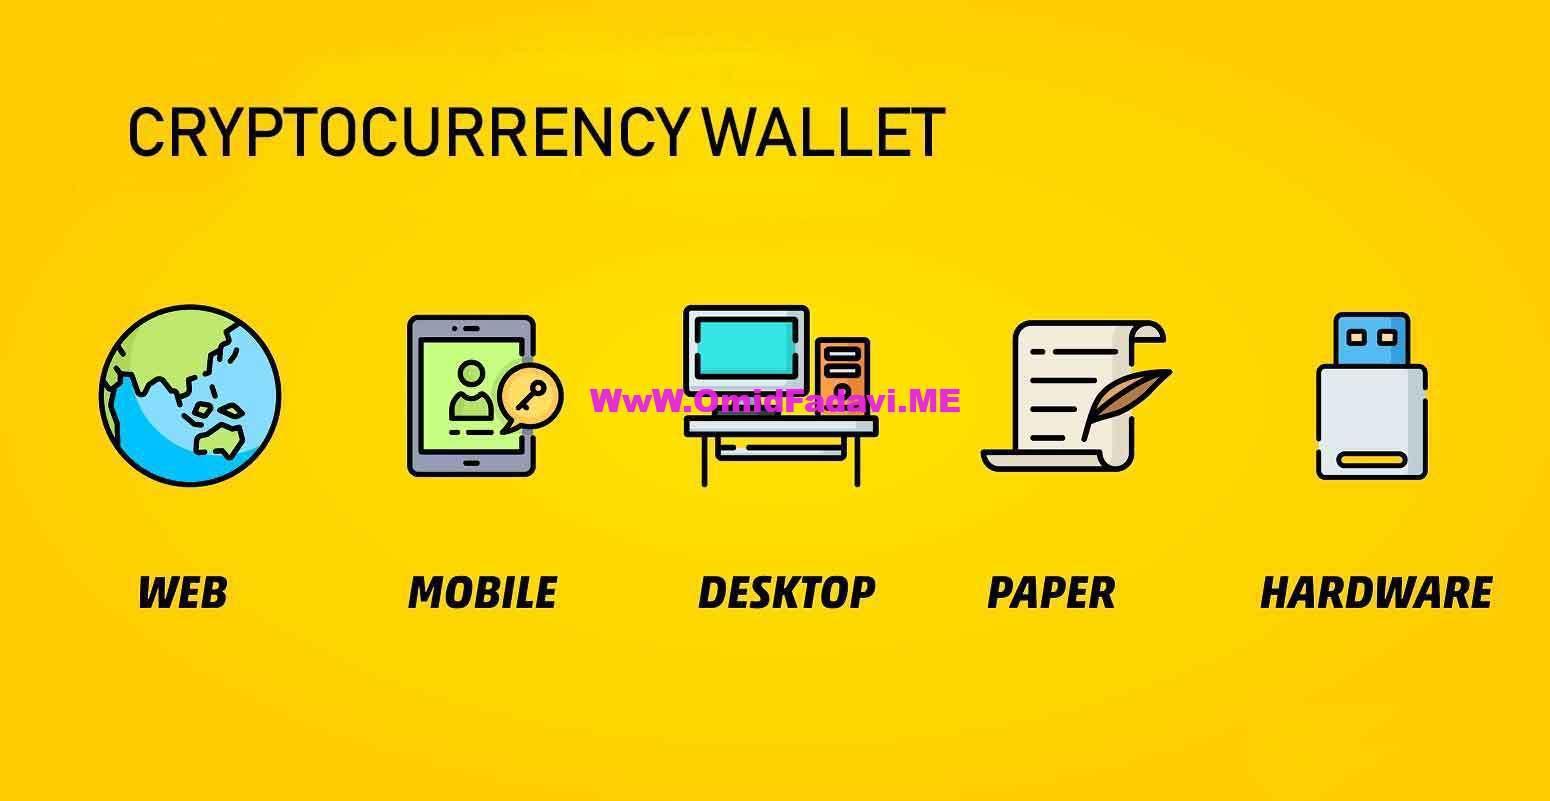 بهترین کیف پول بیت کوین